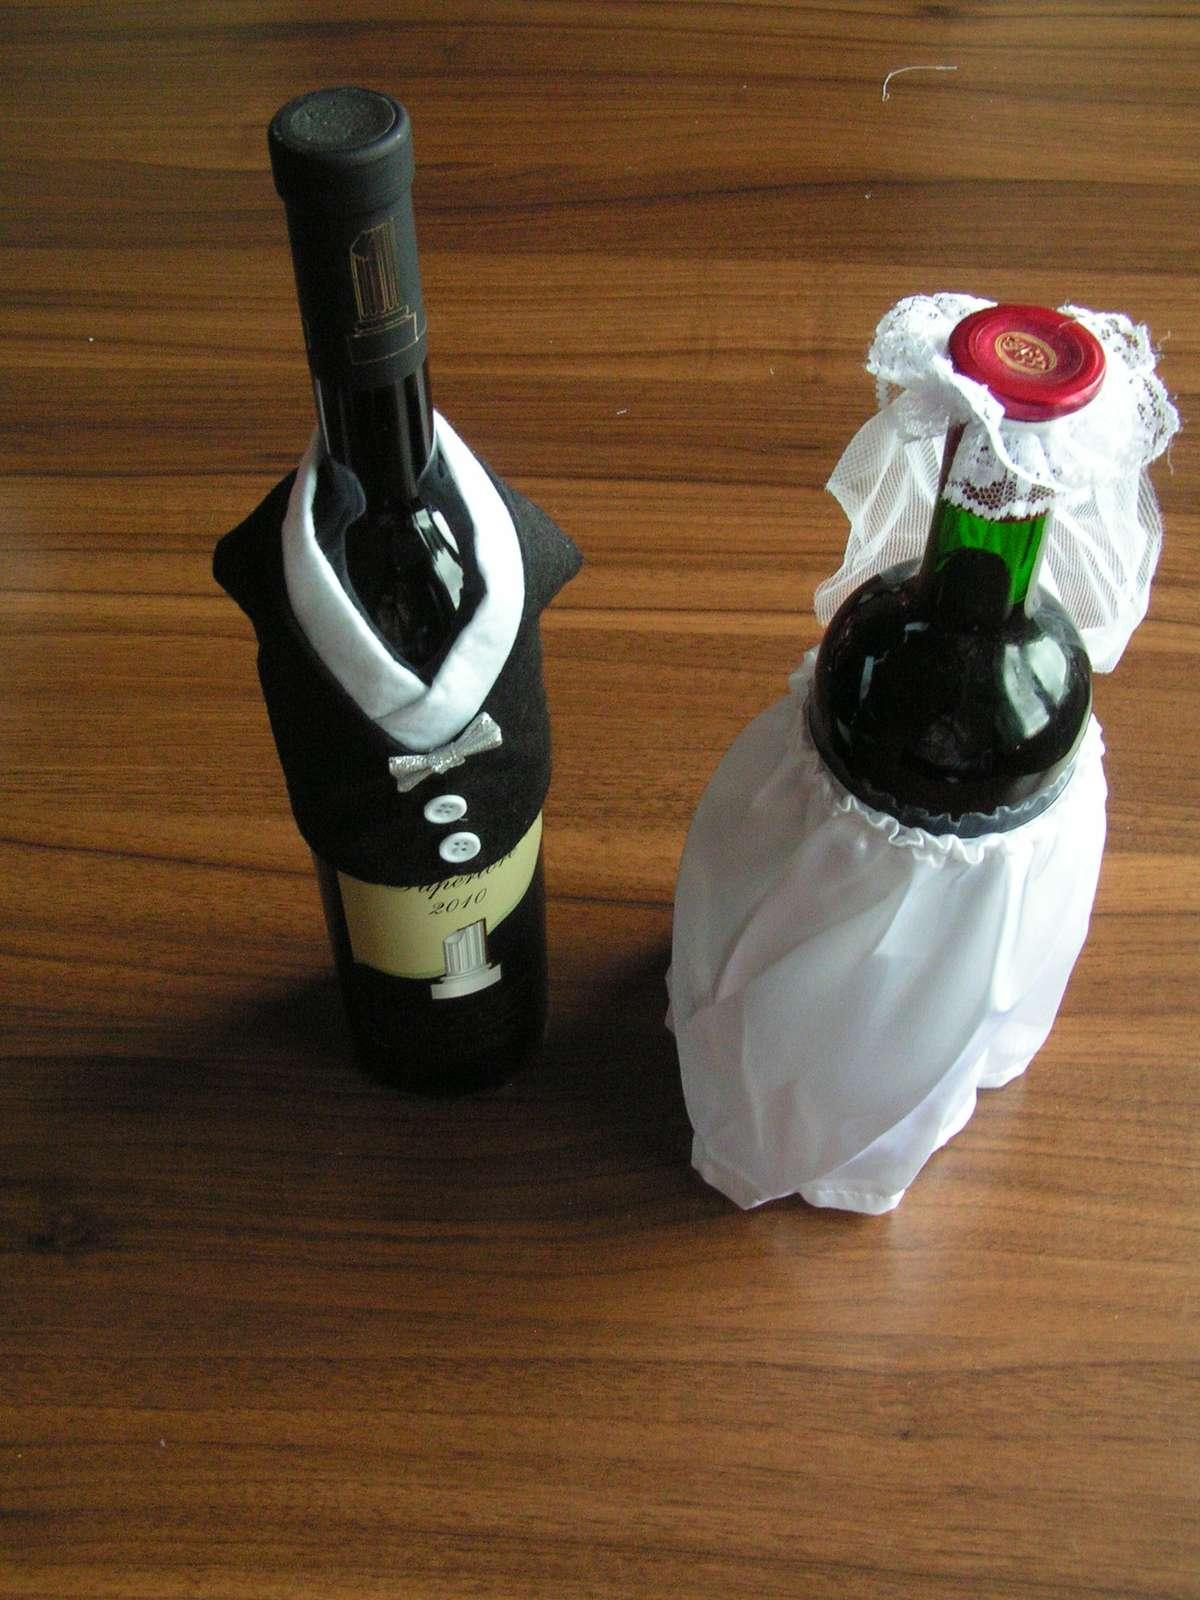 Oblečky na lahve vína - Obrázek č. 1